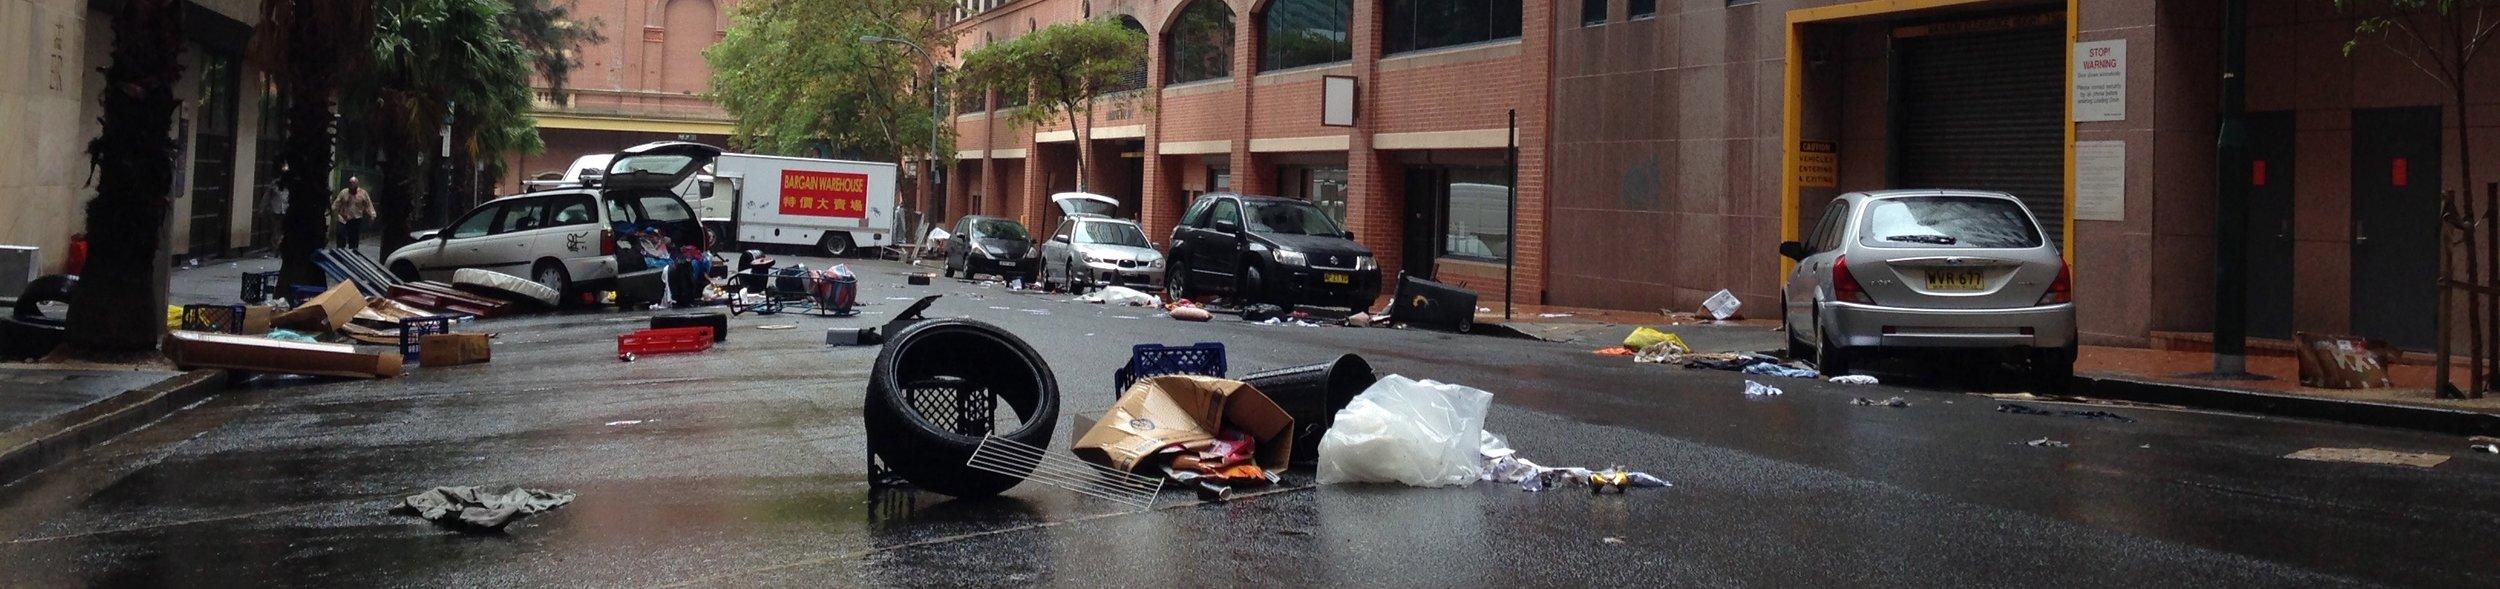 Apocalyptic City Street